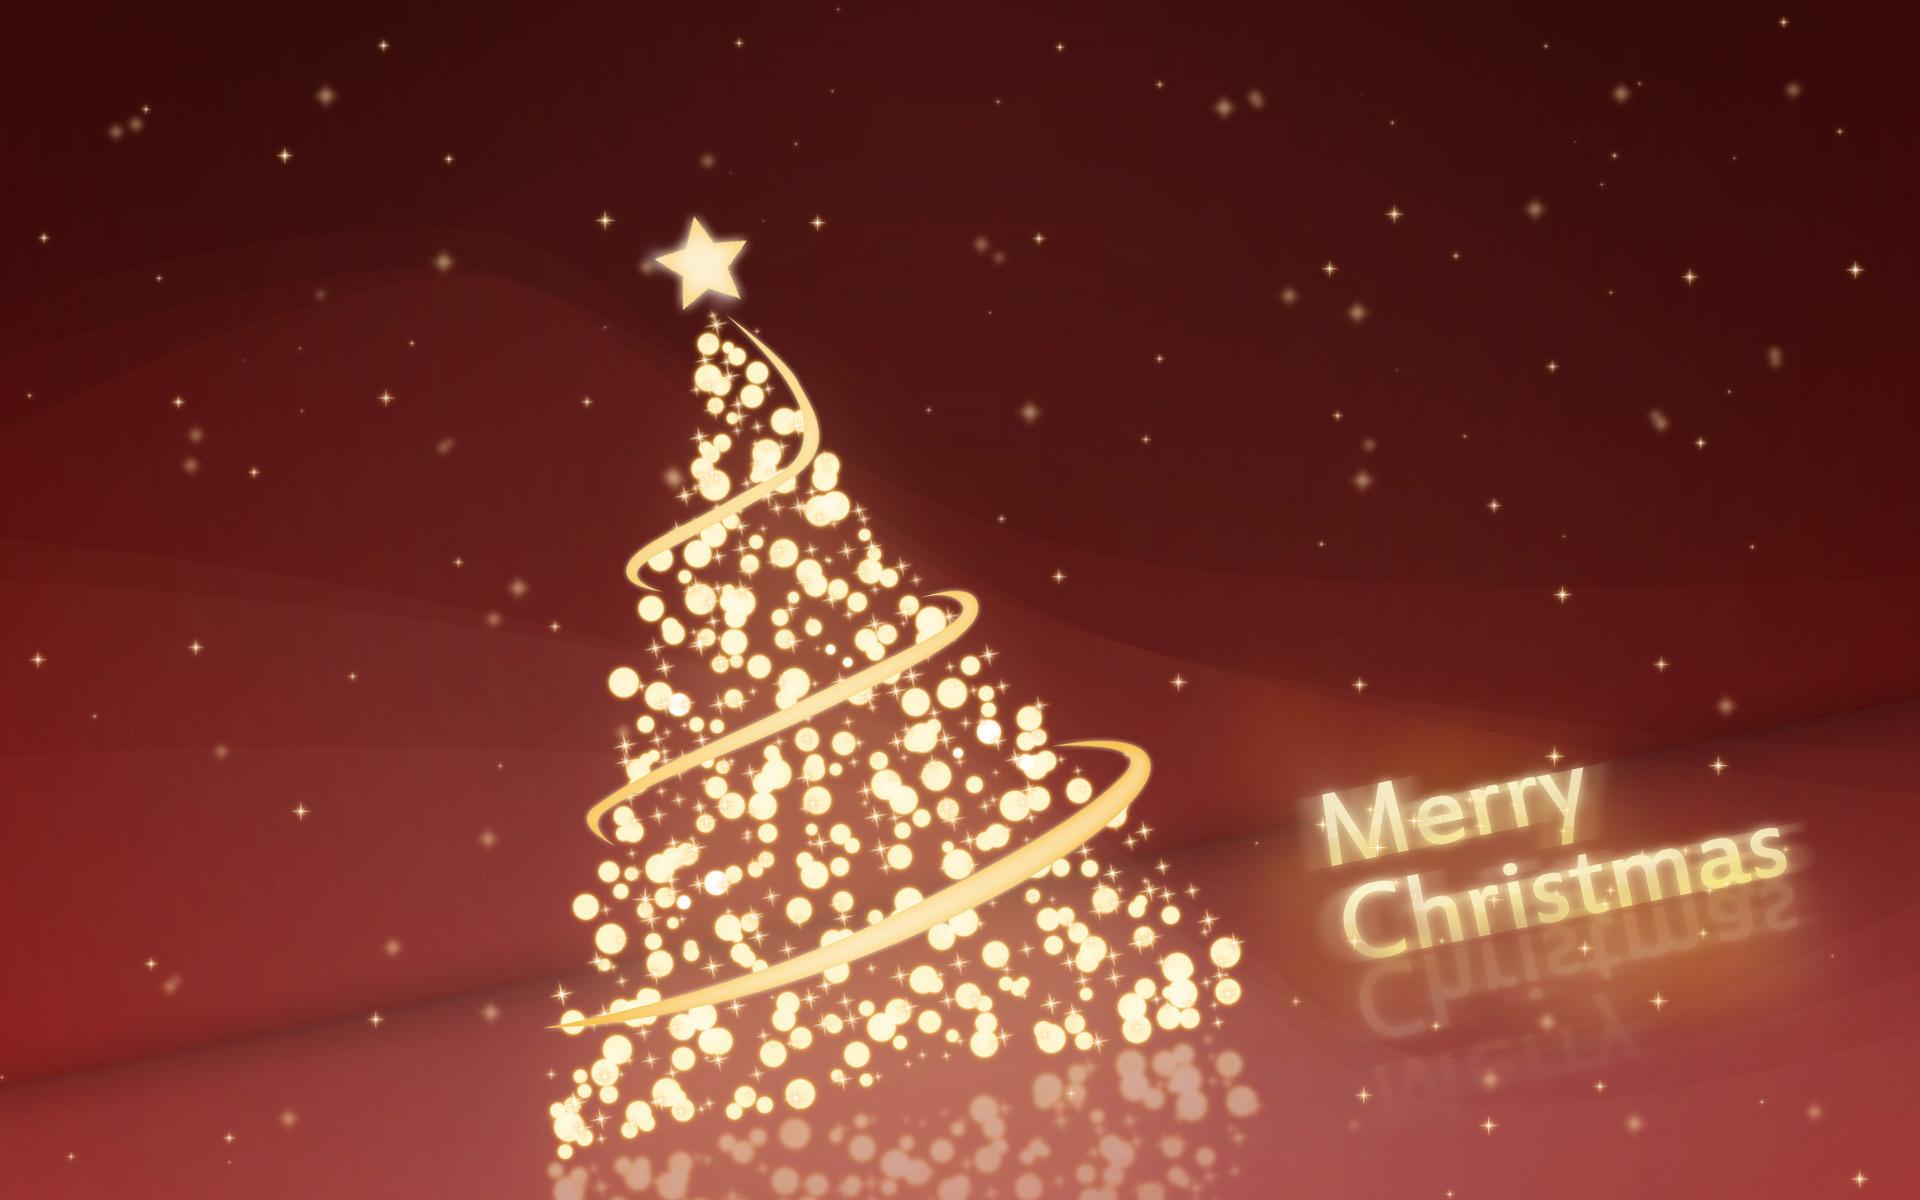 Картинки рождество без надписей